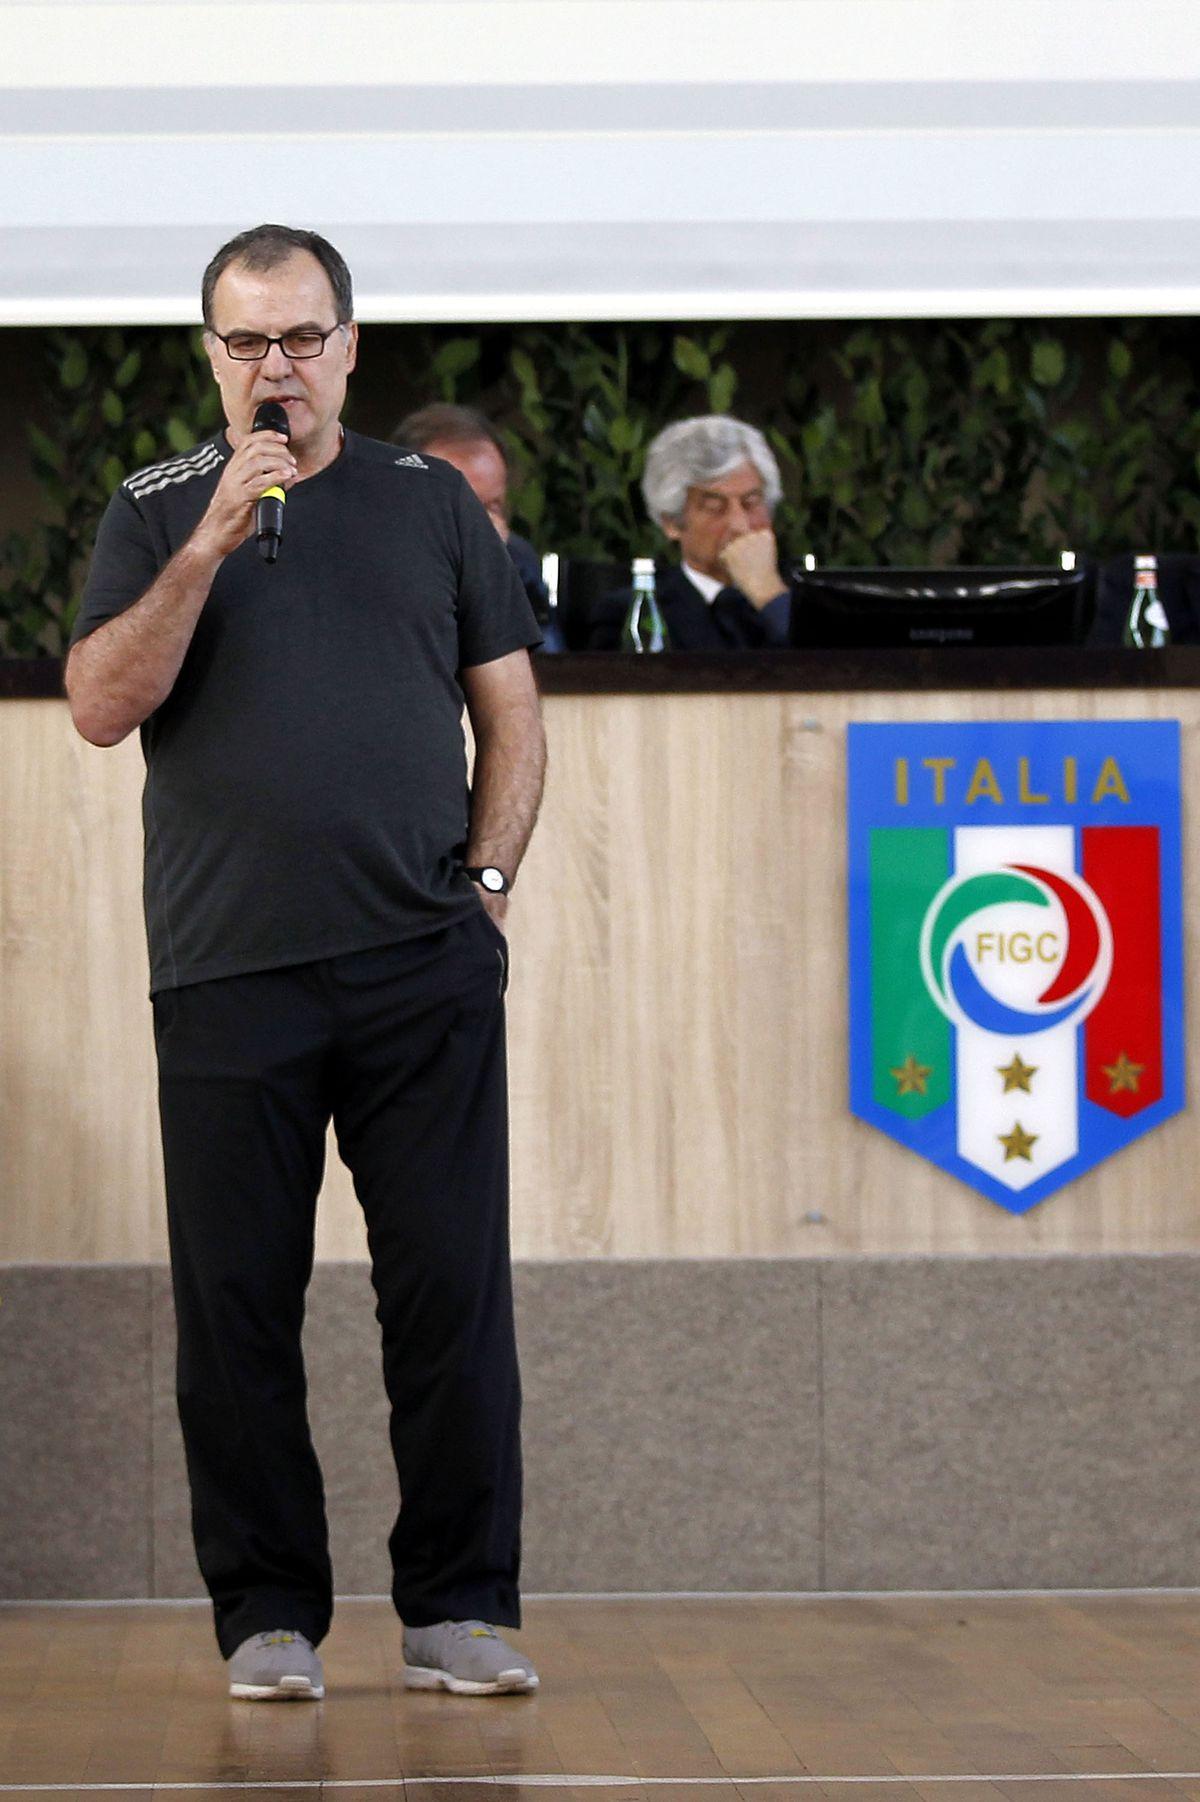 Panchine d'oro e d'argento - Italian Football Federation Award Ceremony